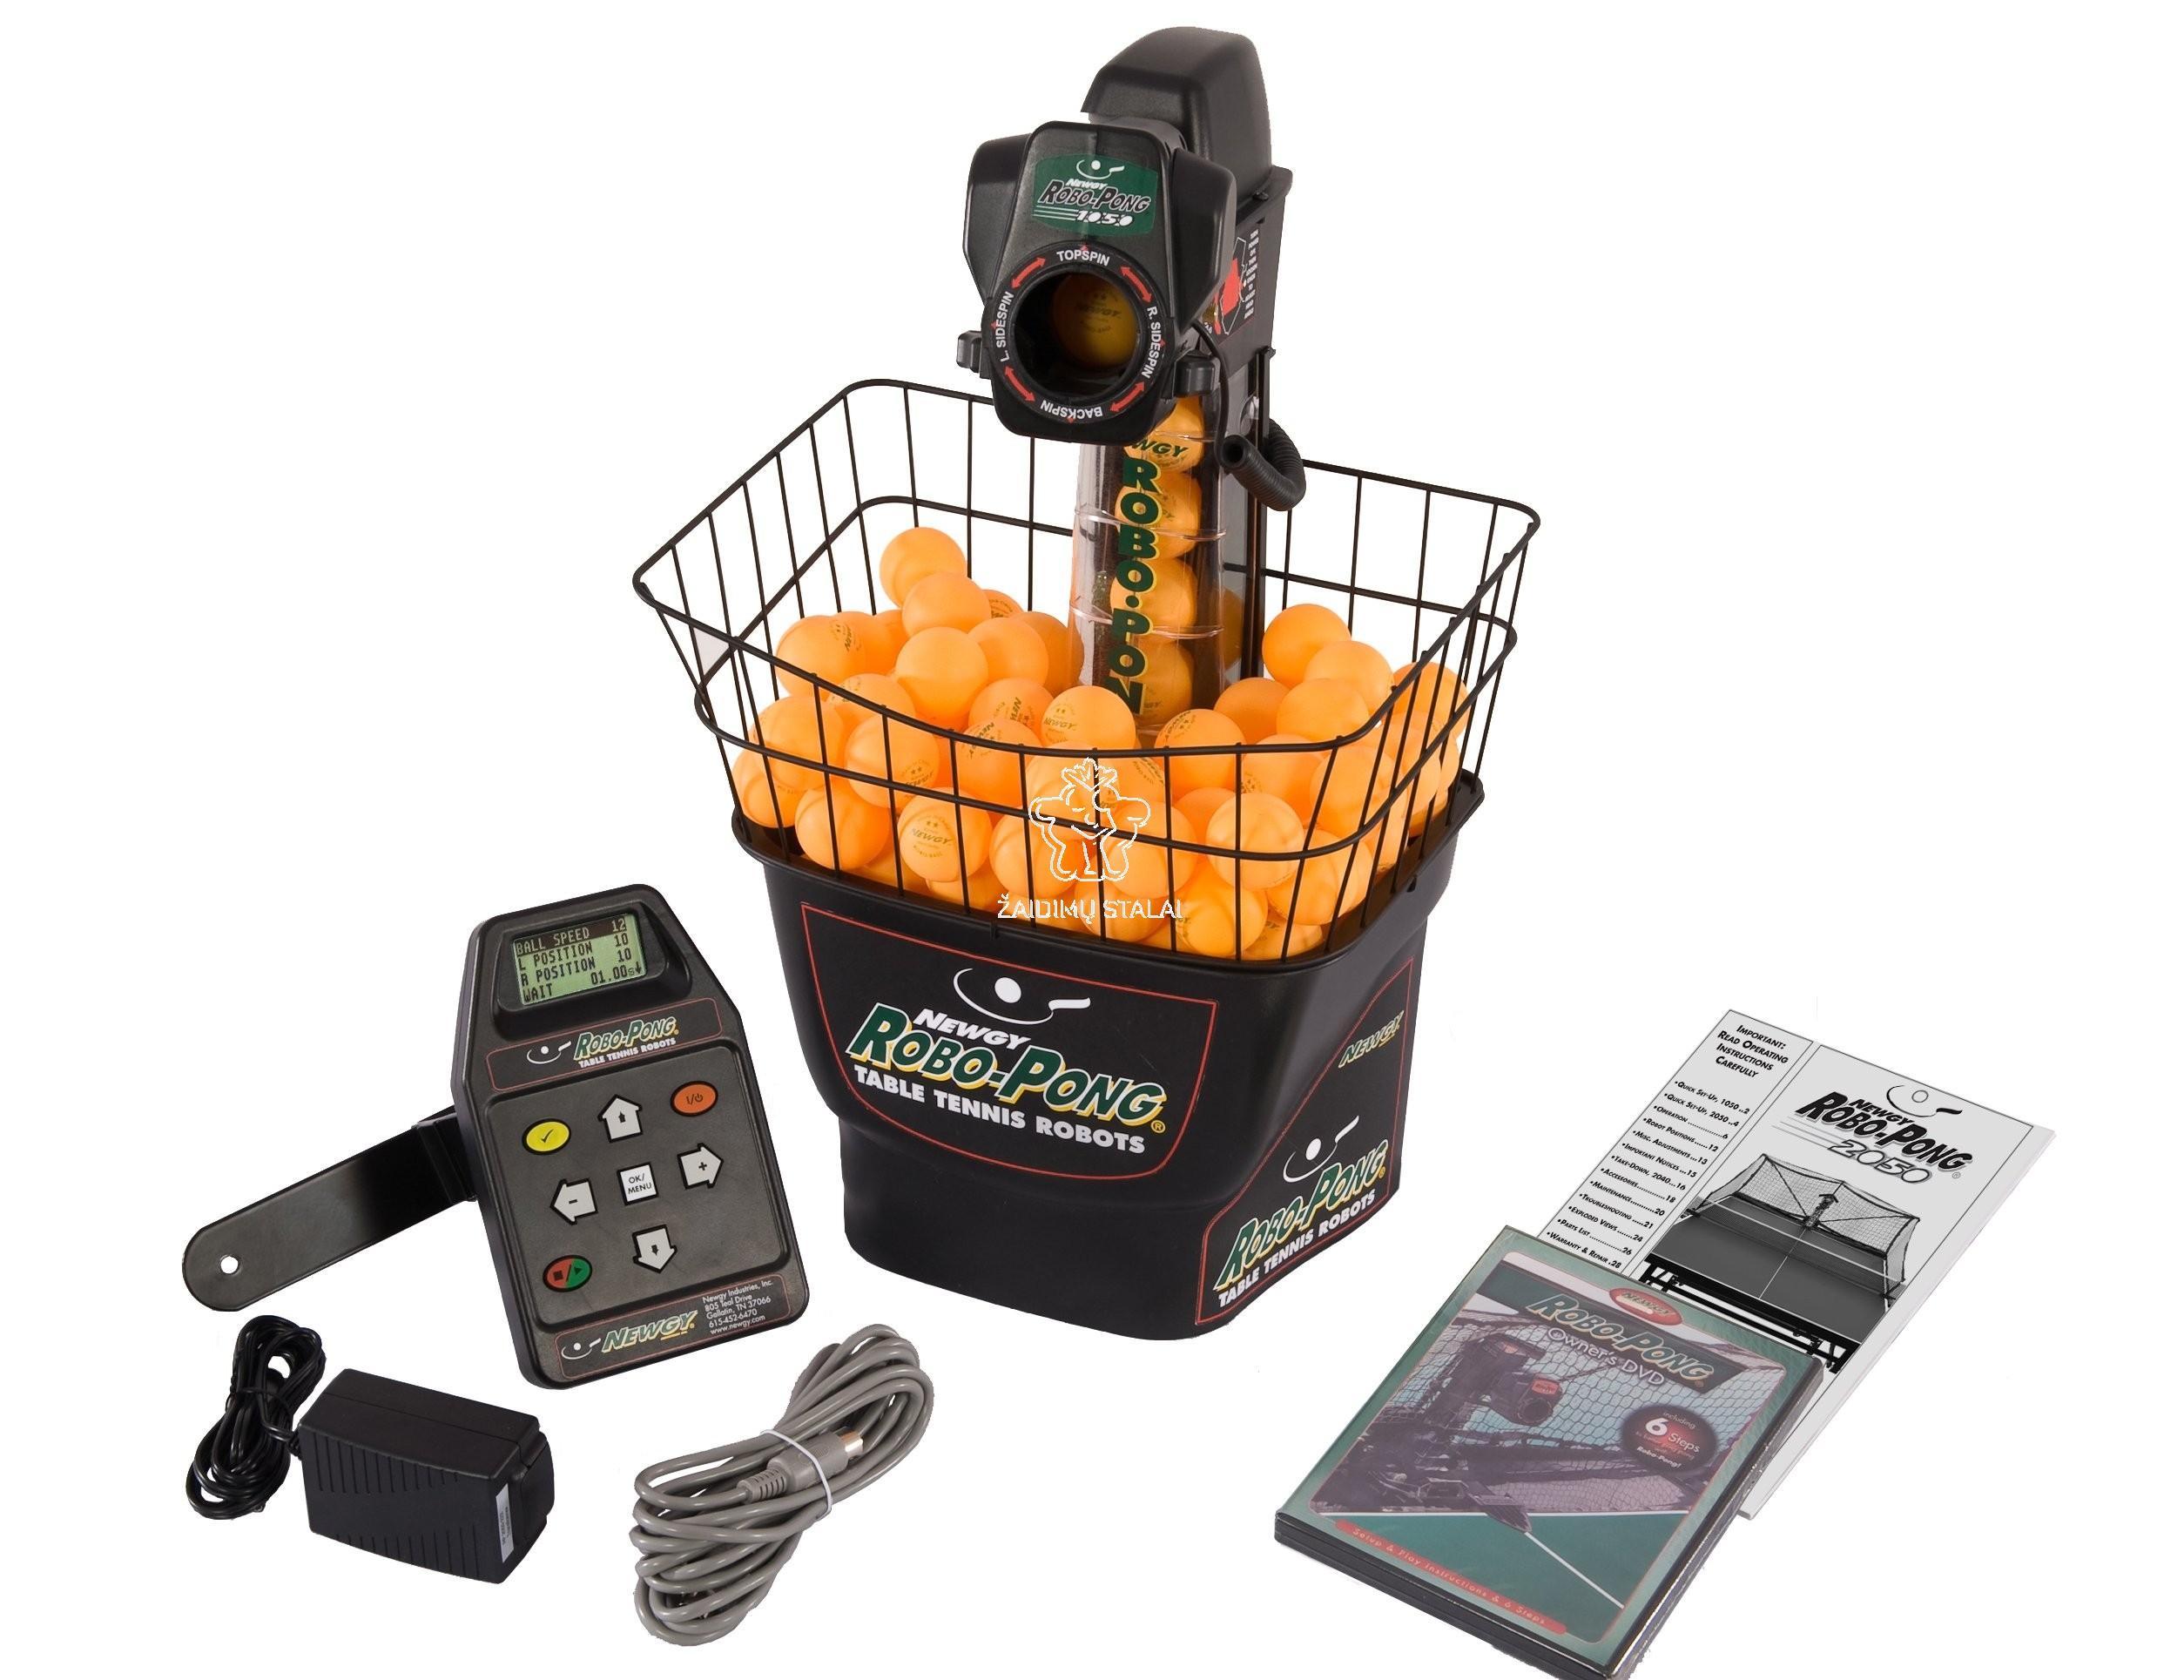 Stalo teniso robotas Donic Robo Pong 1055